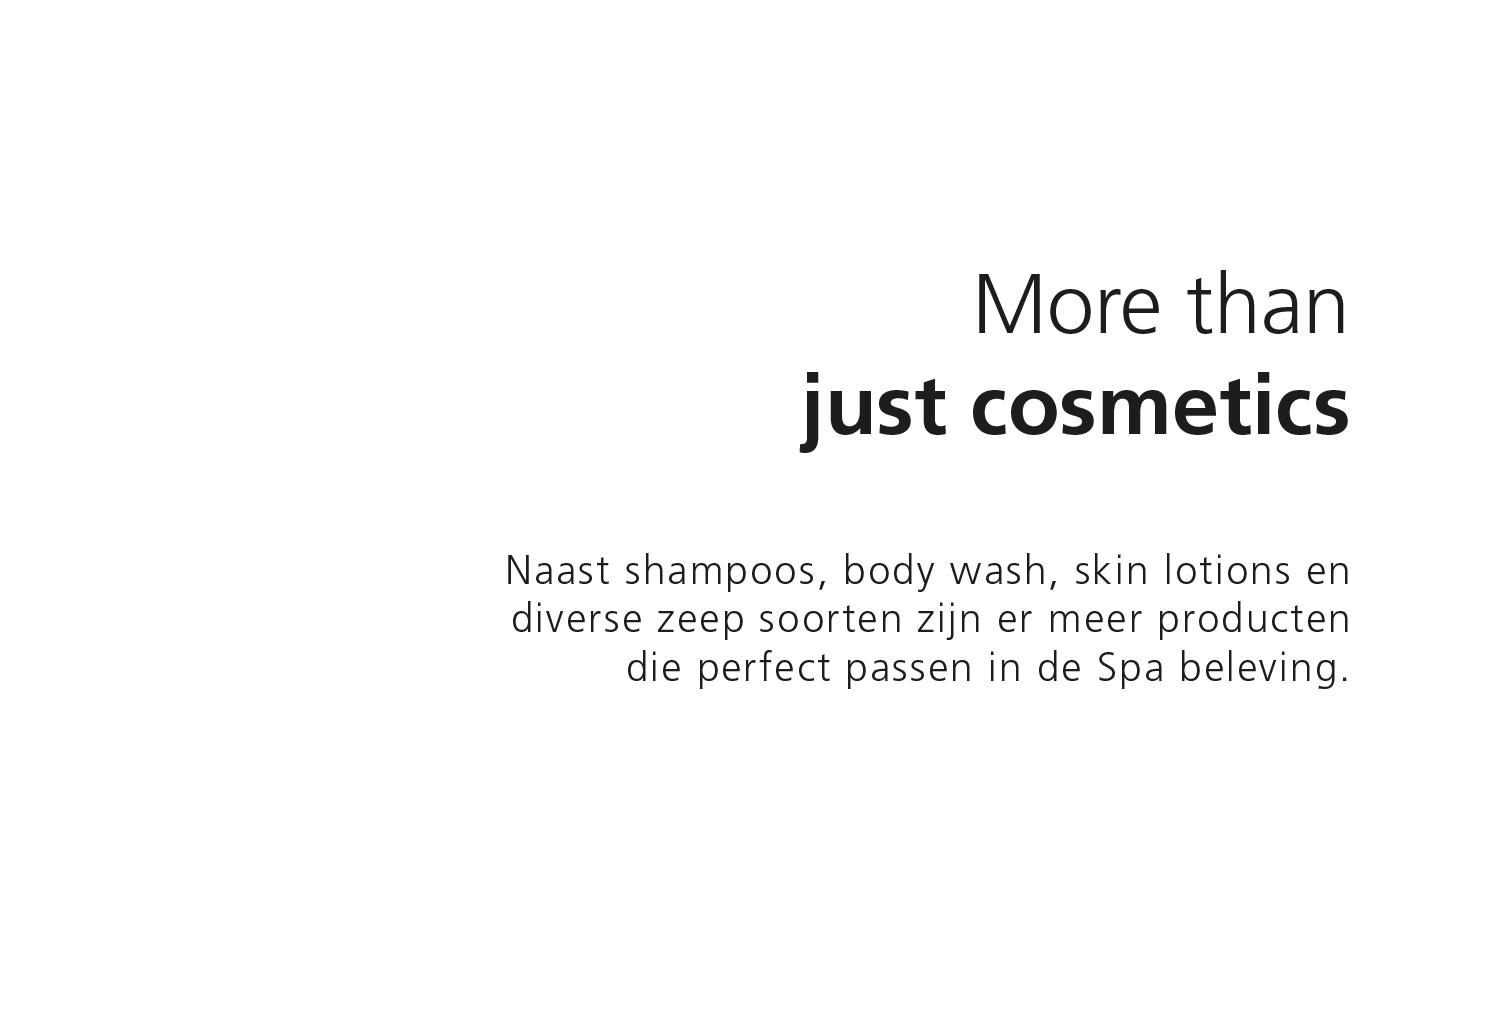 More than just cosmetics. Naast shampoo, body wash, skin lotion en diverse zeep soorten zijn er meer producten die perfect passen in de Spa beleving.